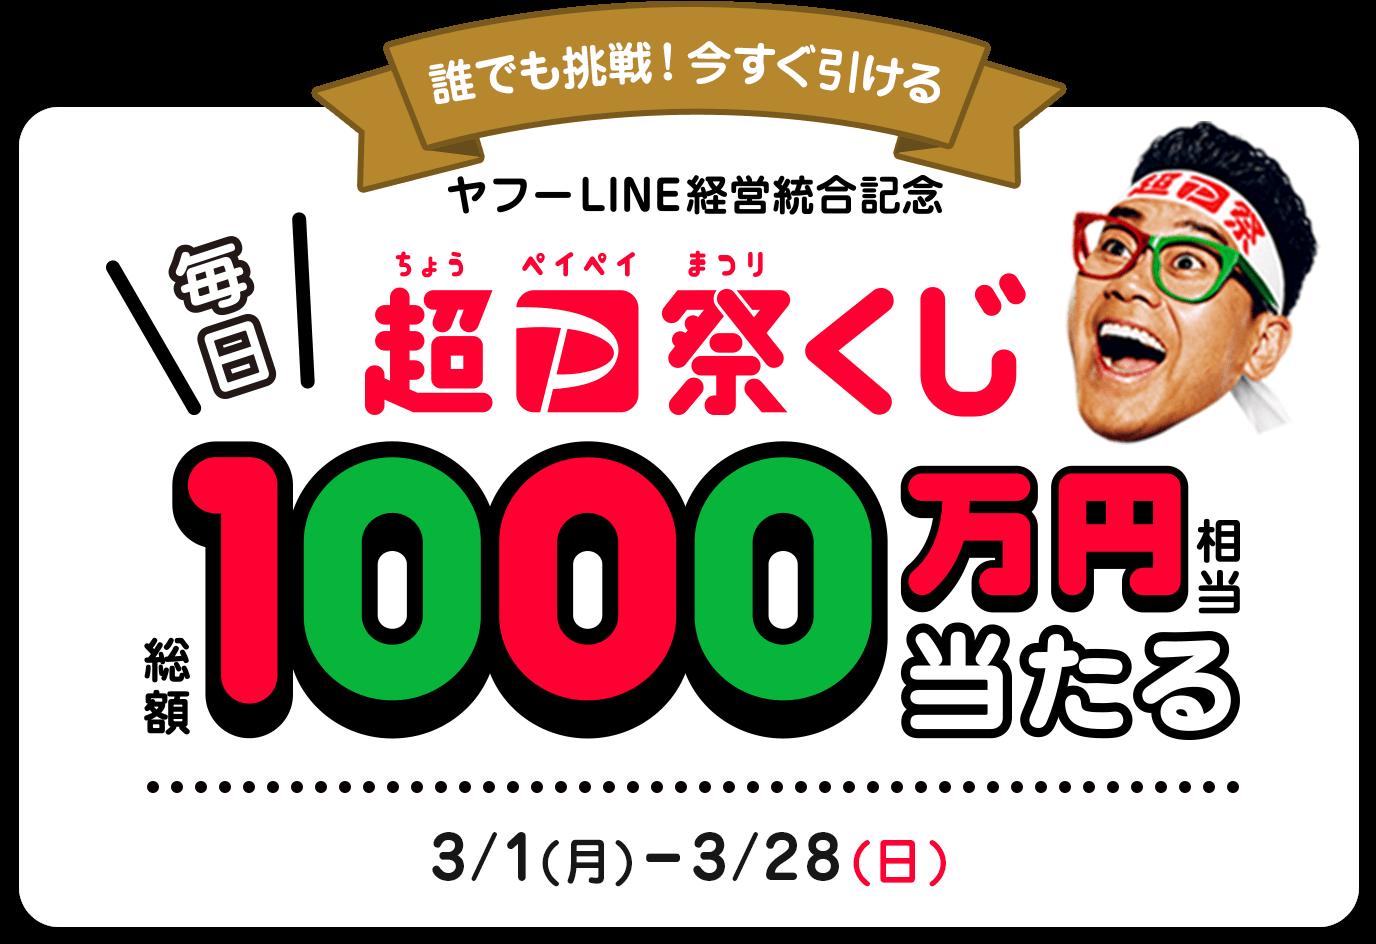 LINE経営統合記念 超ペイペイ祭くじ